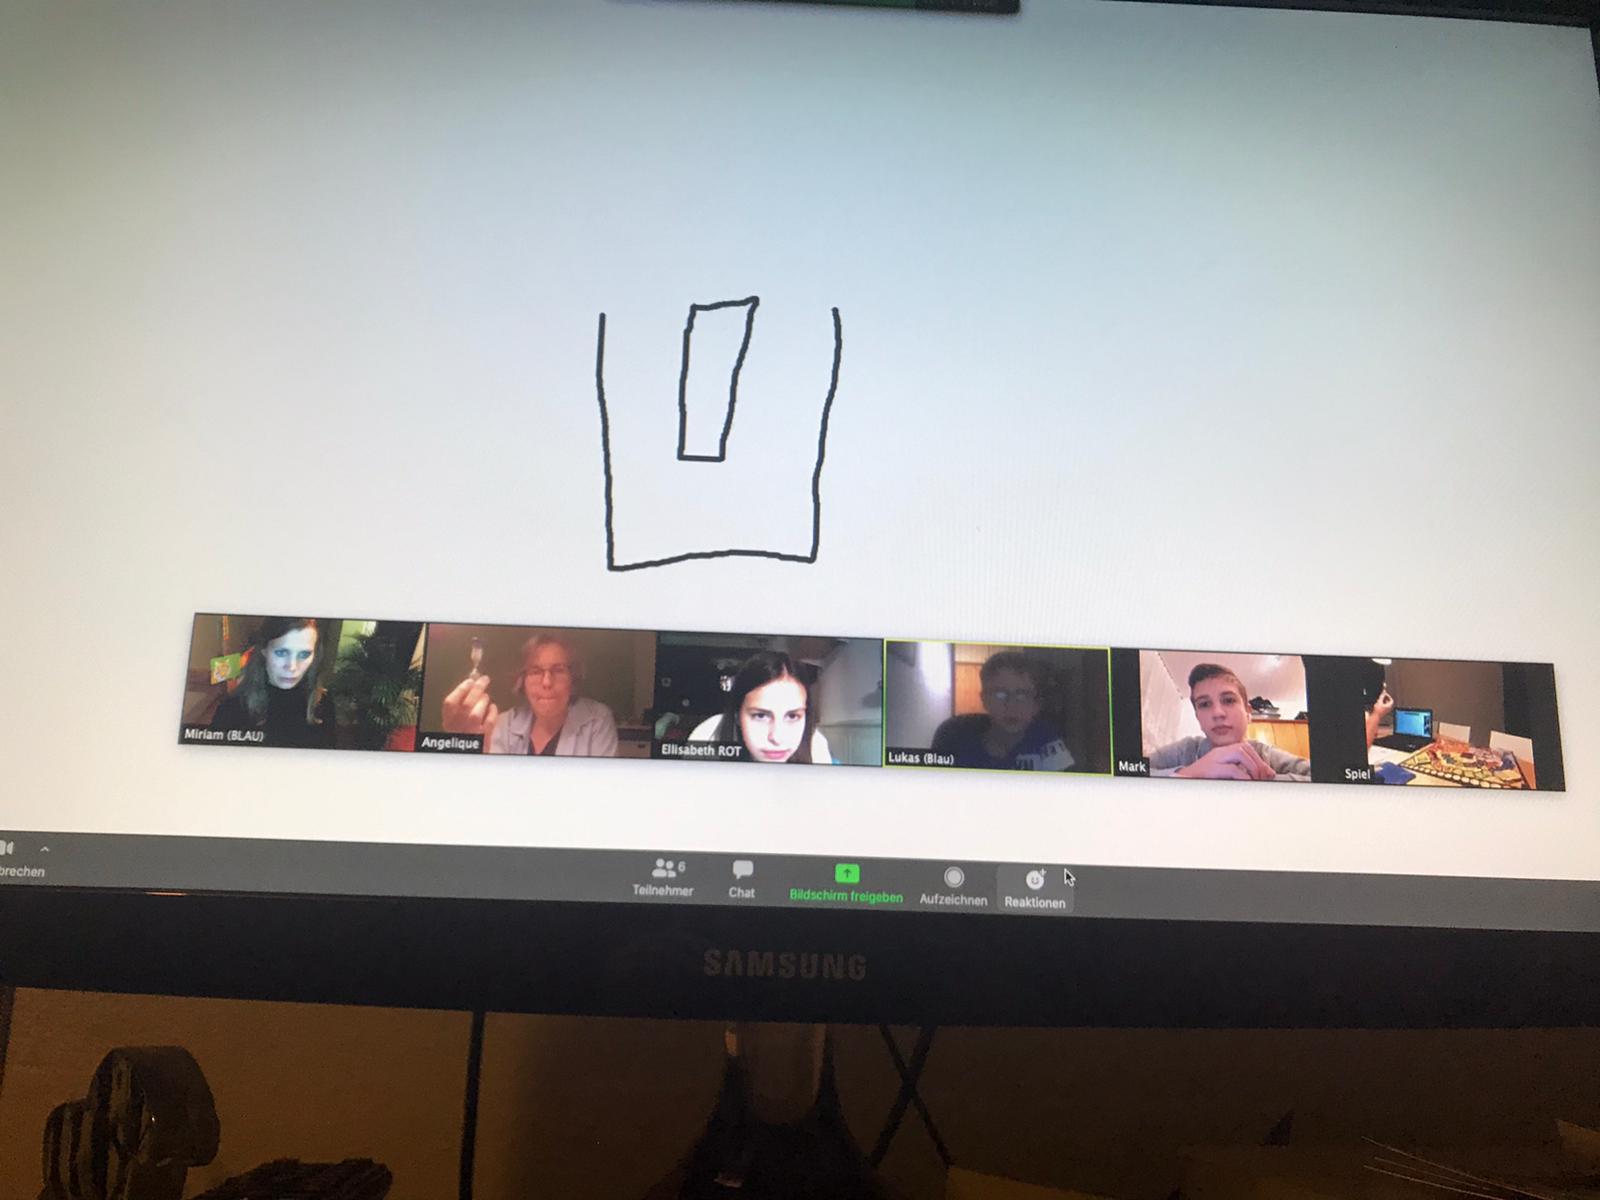 Virtuelle Treffen sind während der Corona-Pandemie eine gute Alternative zu Präsenz-Veranstaltungen. Die Geschwisterkindergruppe des FED's hat die virtuellen Treffen gut angenommen.